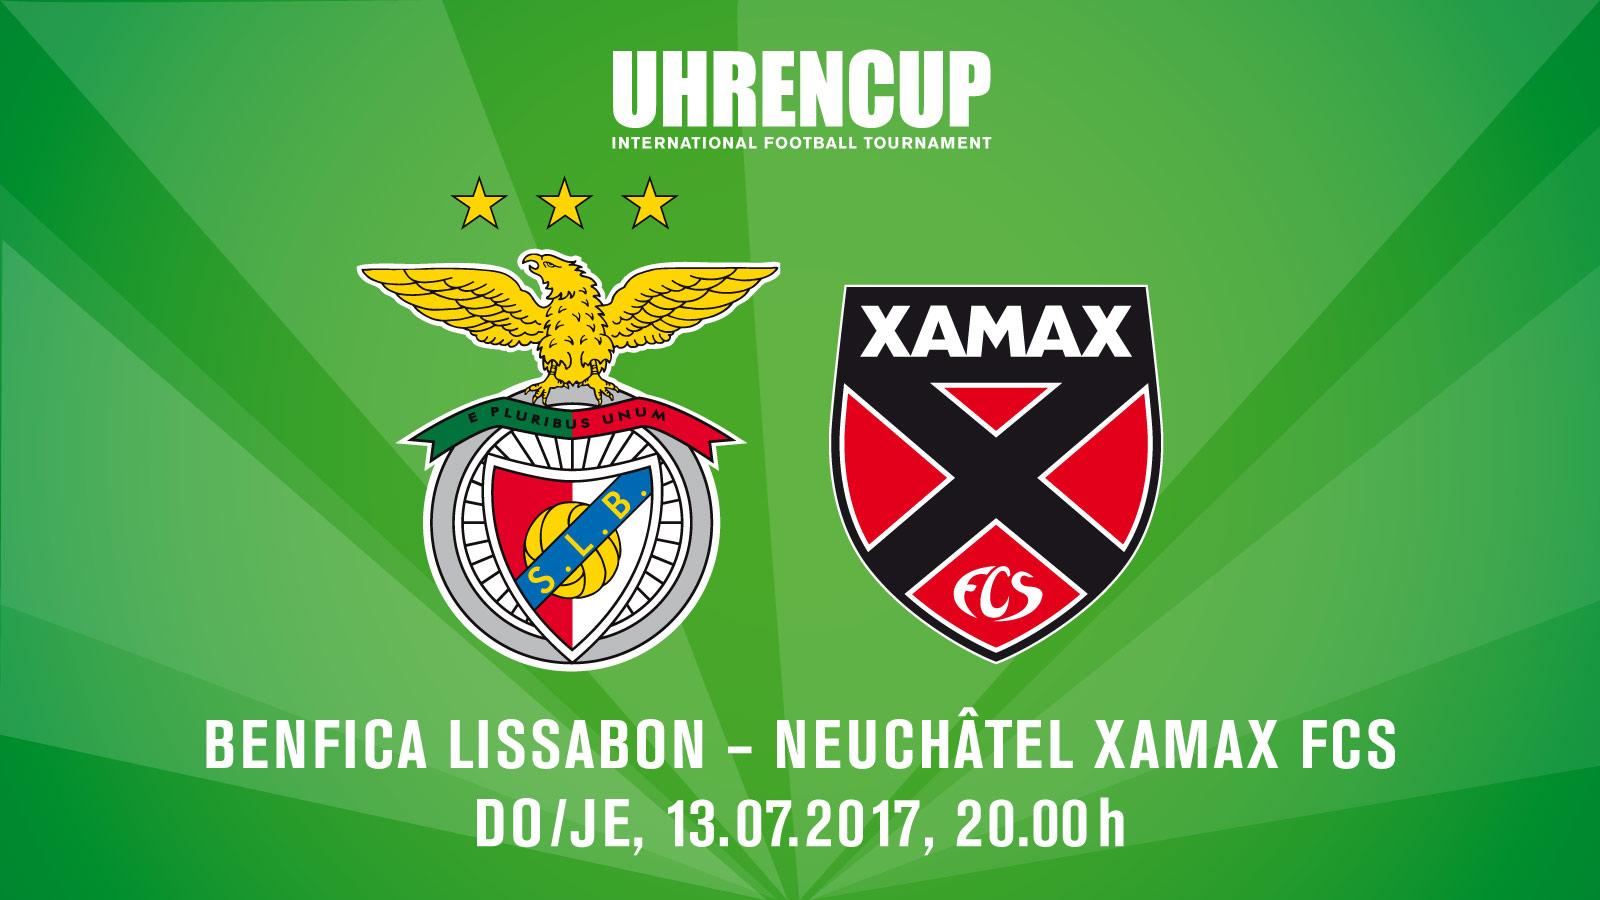 Benfica Lissabon - Neuchâtel Xamax FCS